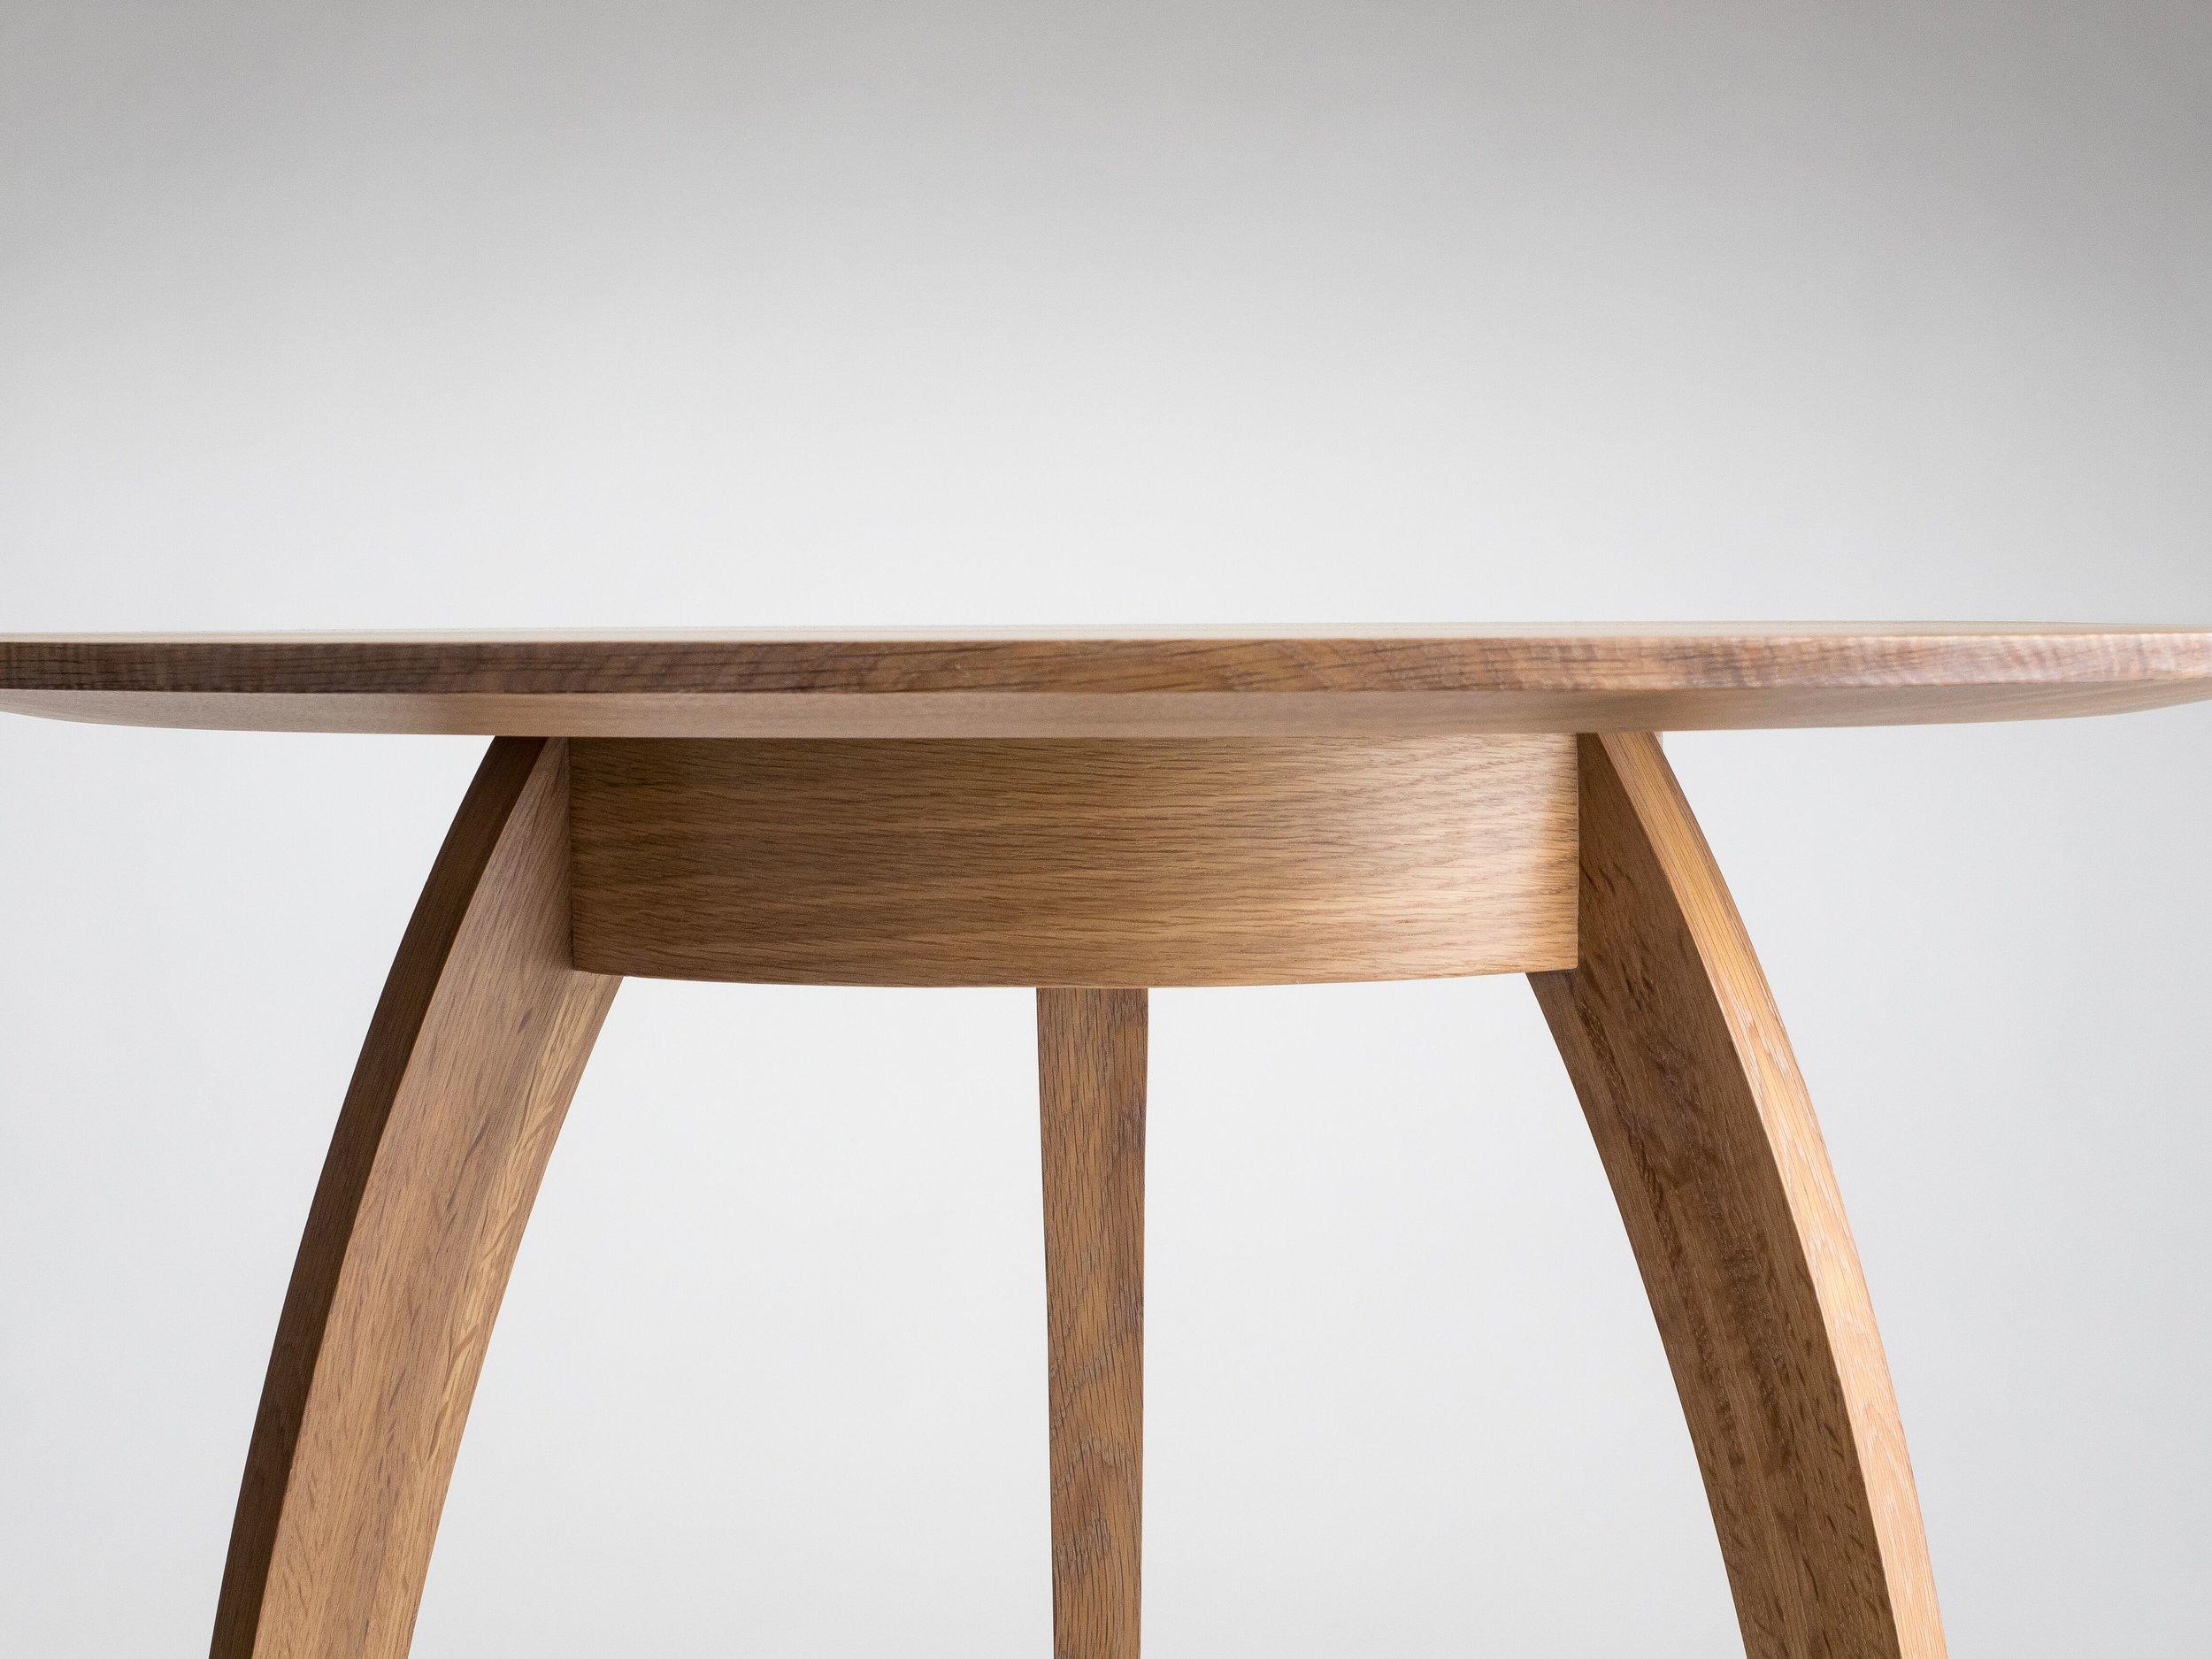 penumbra-oak-occasional-breakfast-table.jpg